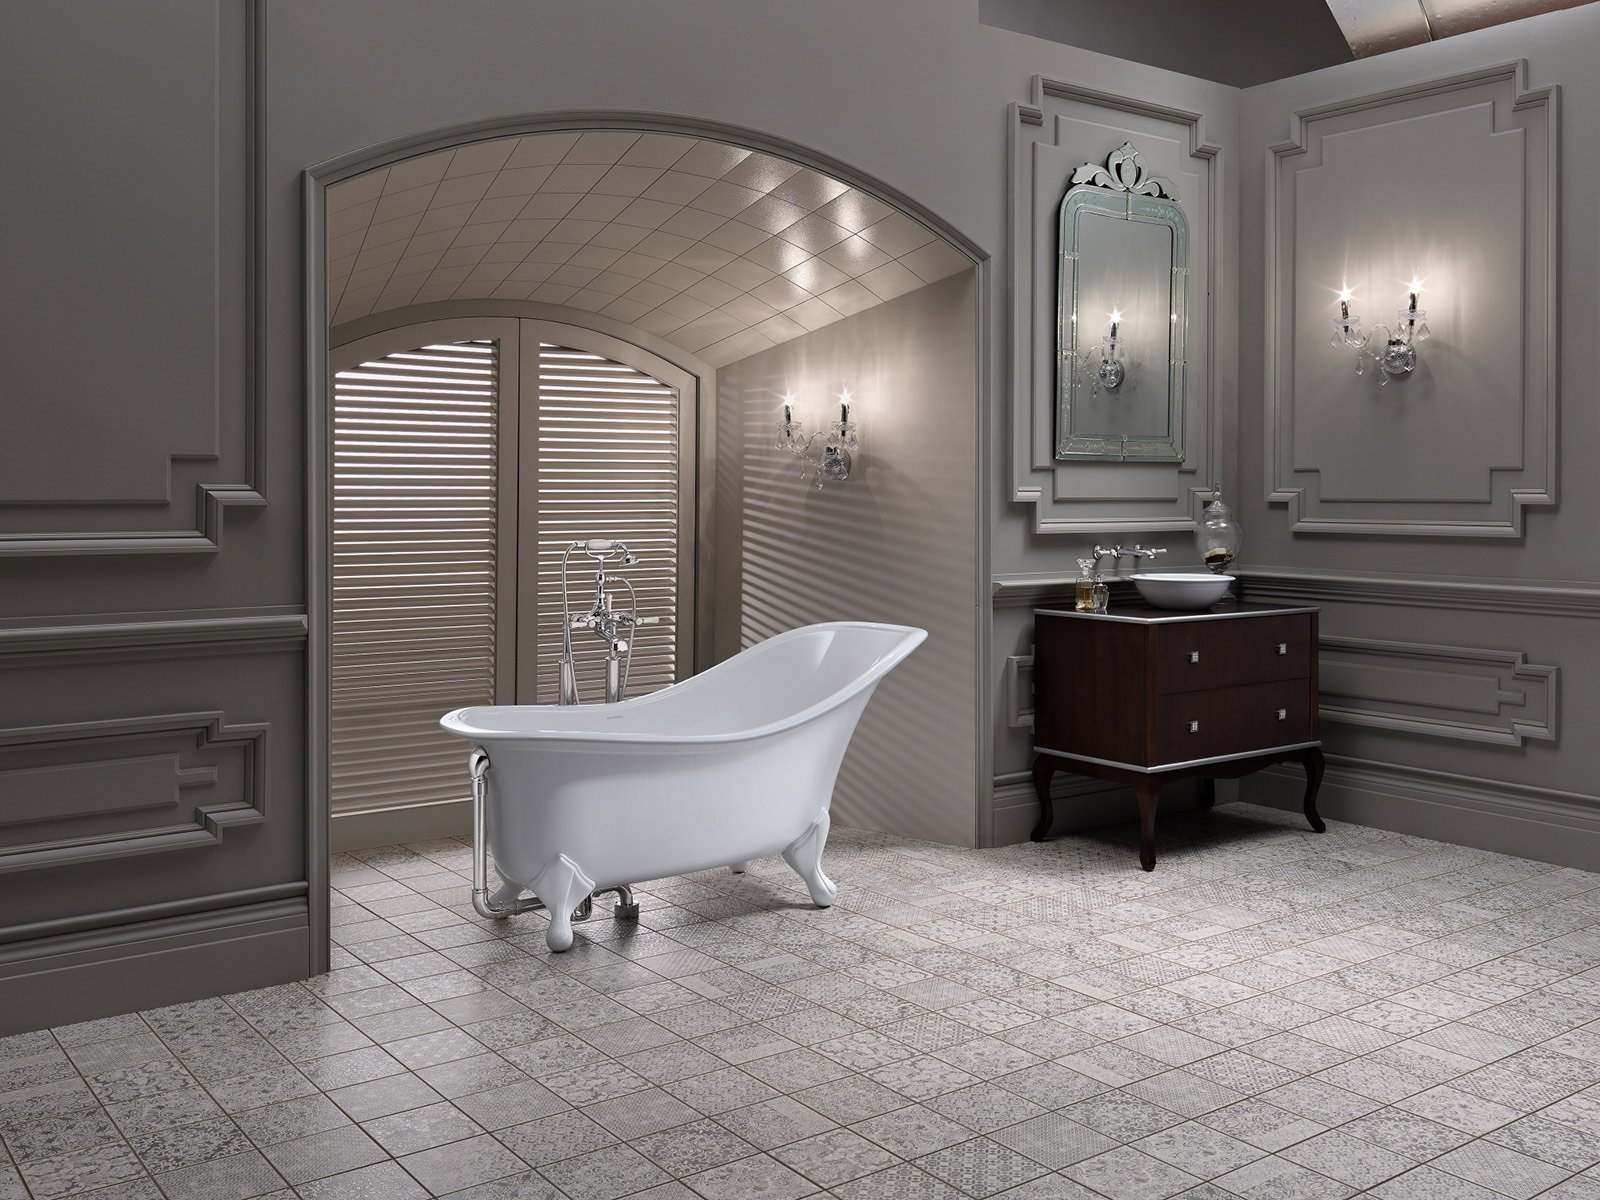 Design Week 2014. La vasca da bagno esce dall'anonimato - Cose di Casa